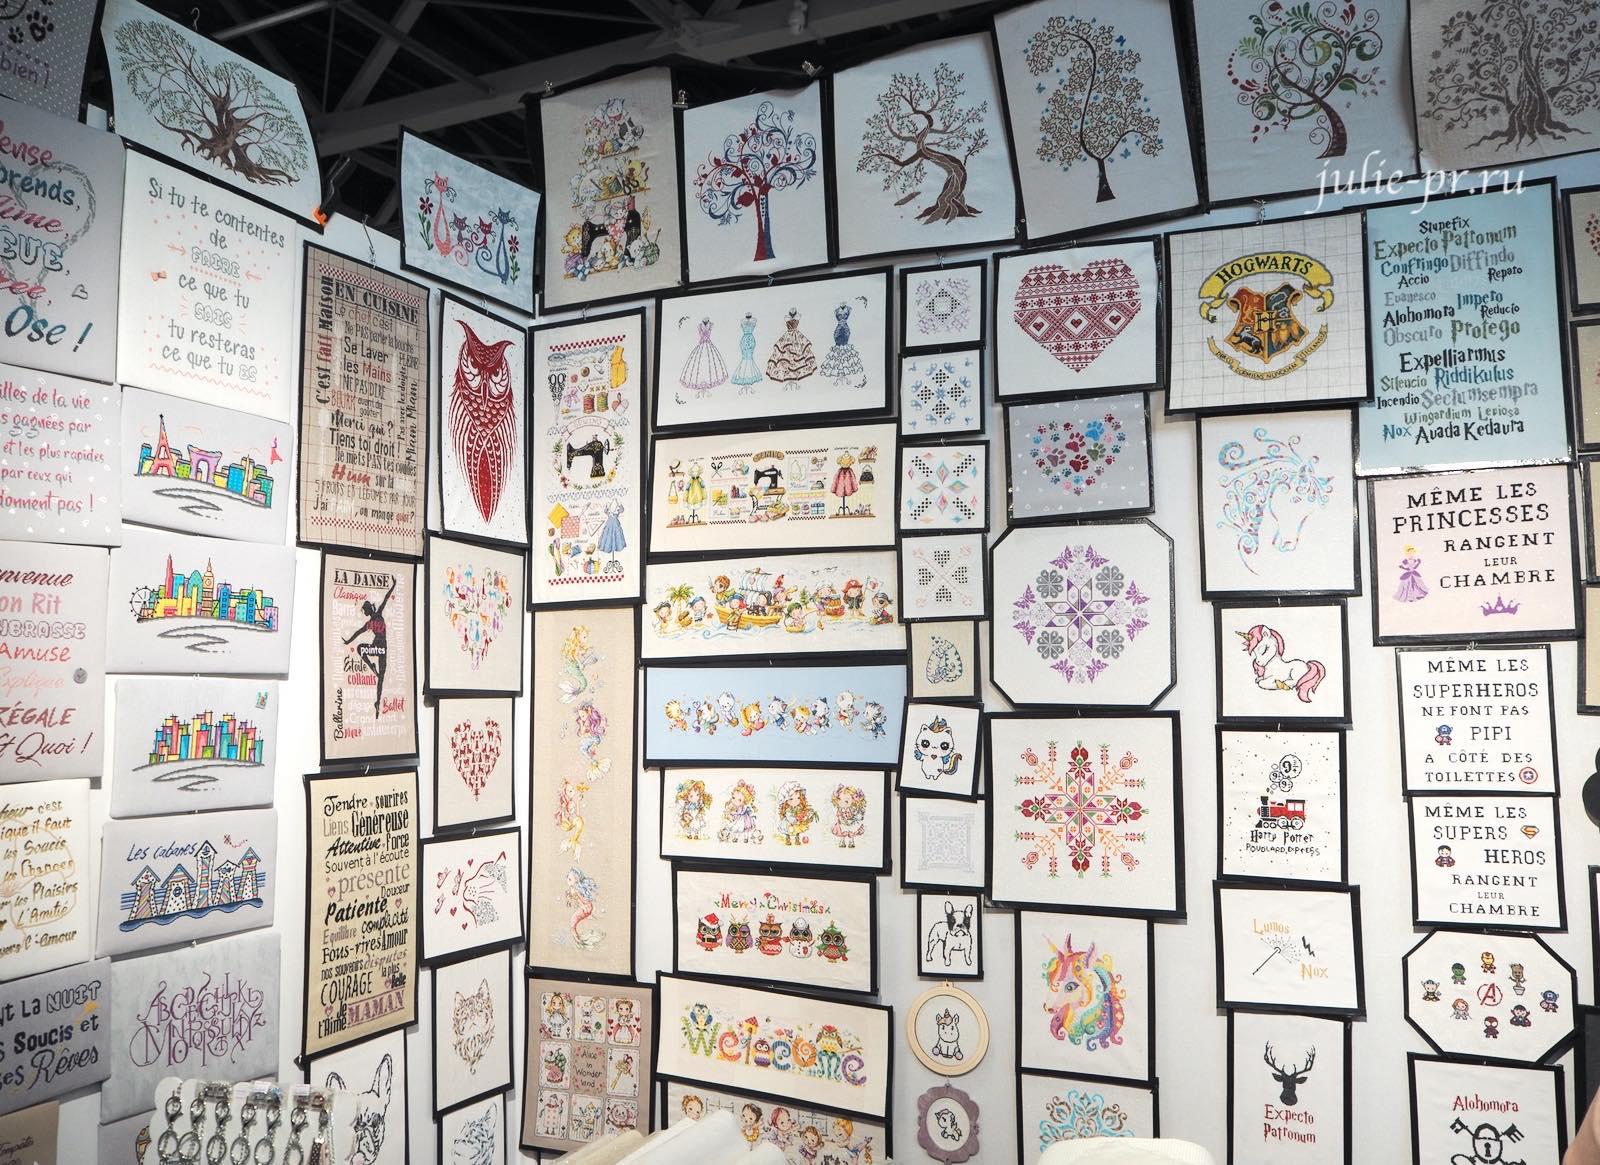 Вышивка крестом, рукодельный салон Creations & Savoir-Faire 2019, рукодельная выставка, Париж